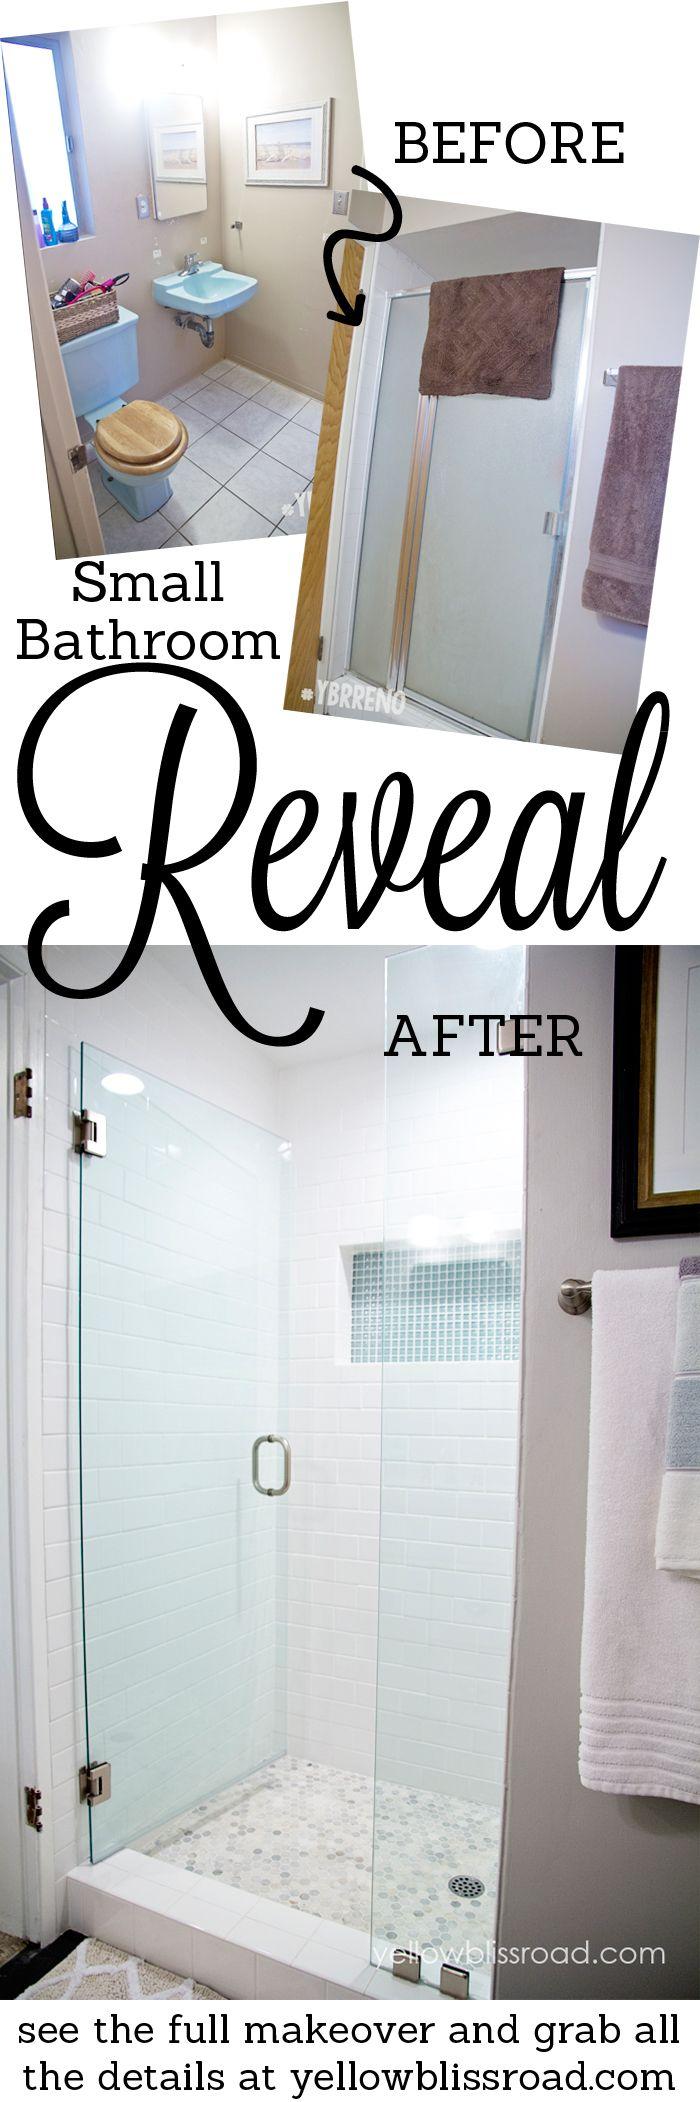 Best Small Bathroom Makeover Reveal Remodelación Del Baño 400 x 300